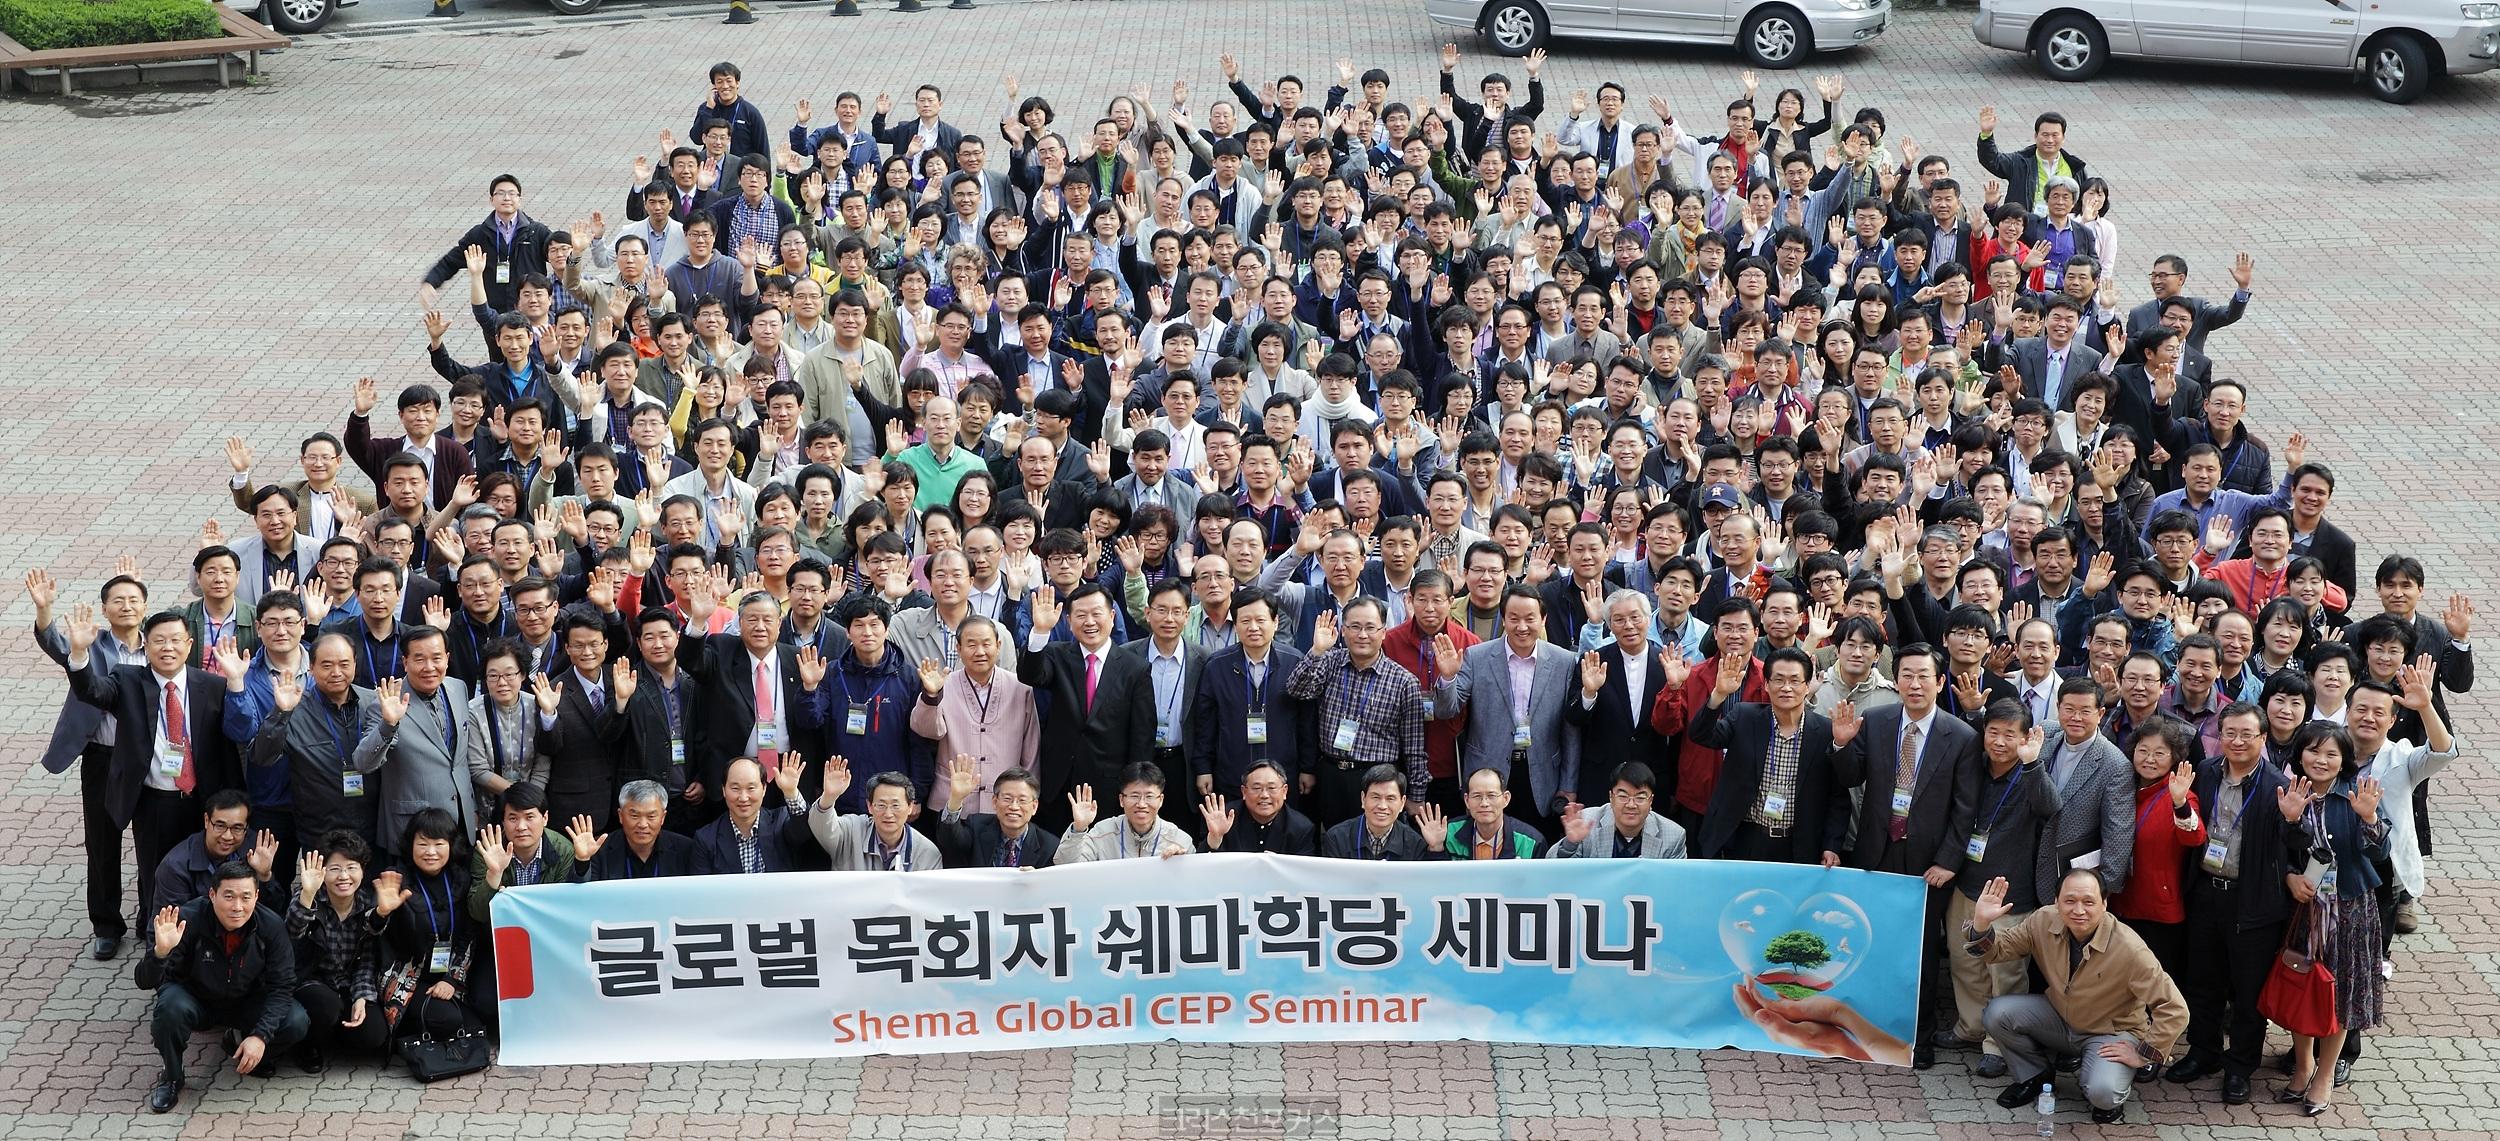 왜 쉐마교육이 한국교회의 대안인가?②